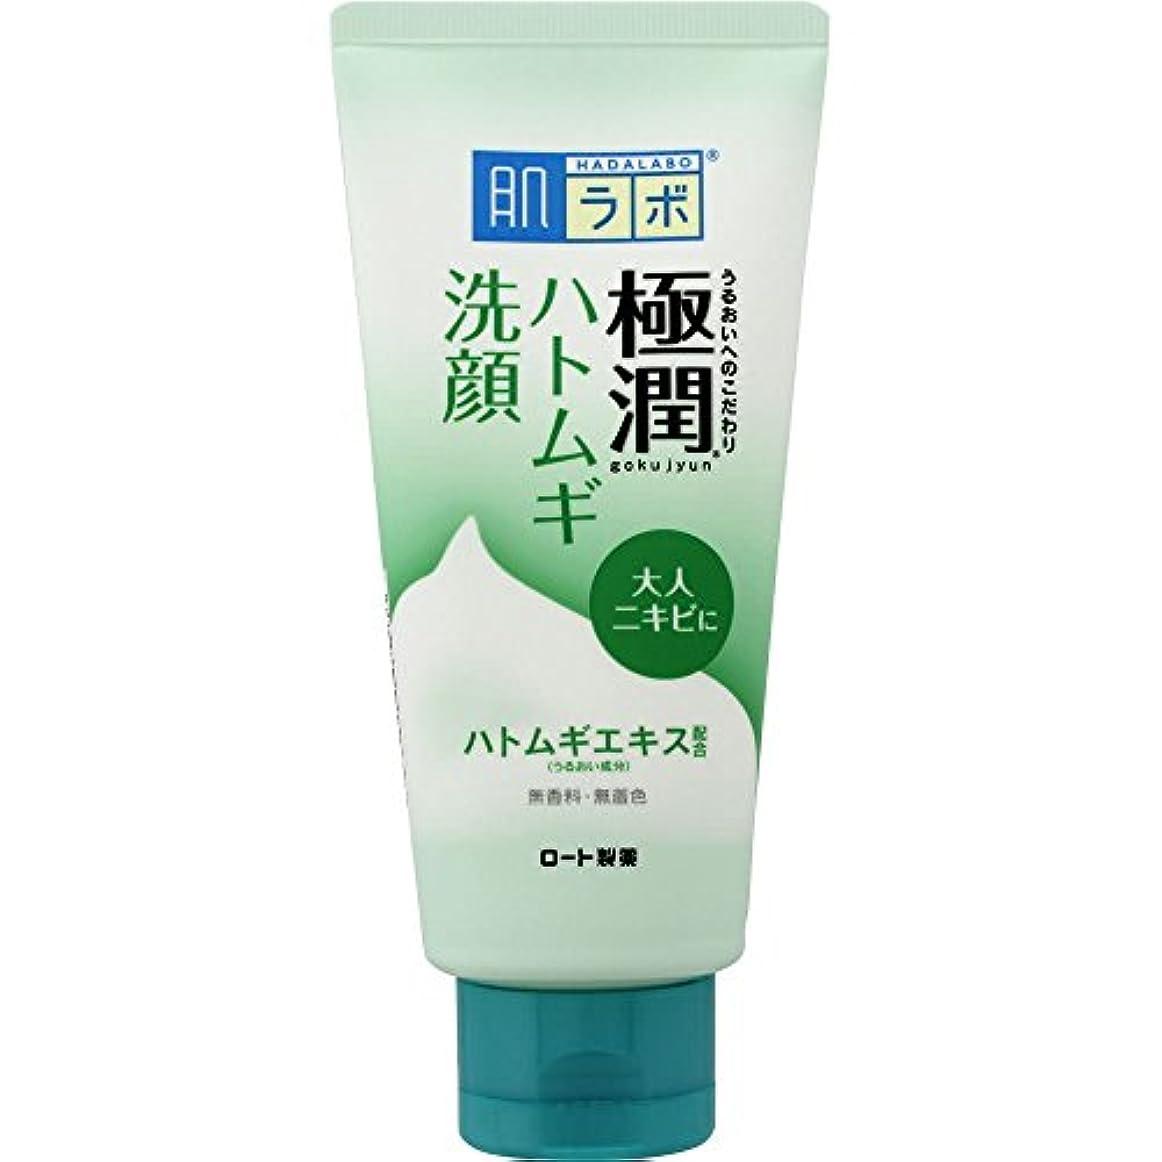 明確に散逸味わう肌ラボ 極潤 毛穴洗浄 大人ニキビ予防 ハトムギ洗顔フォーム 100g